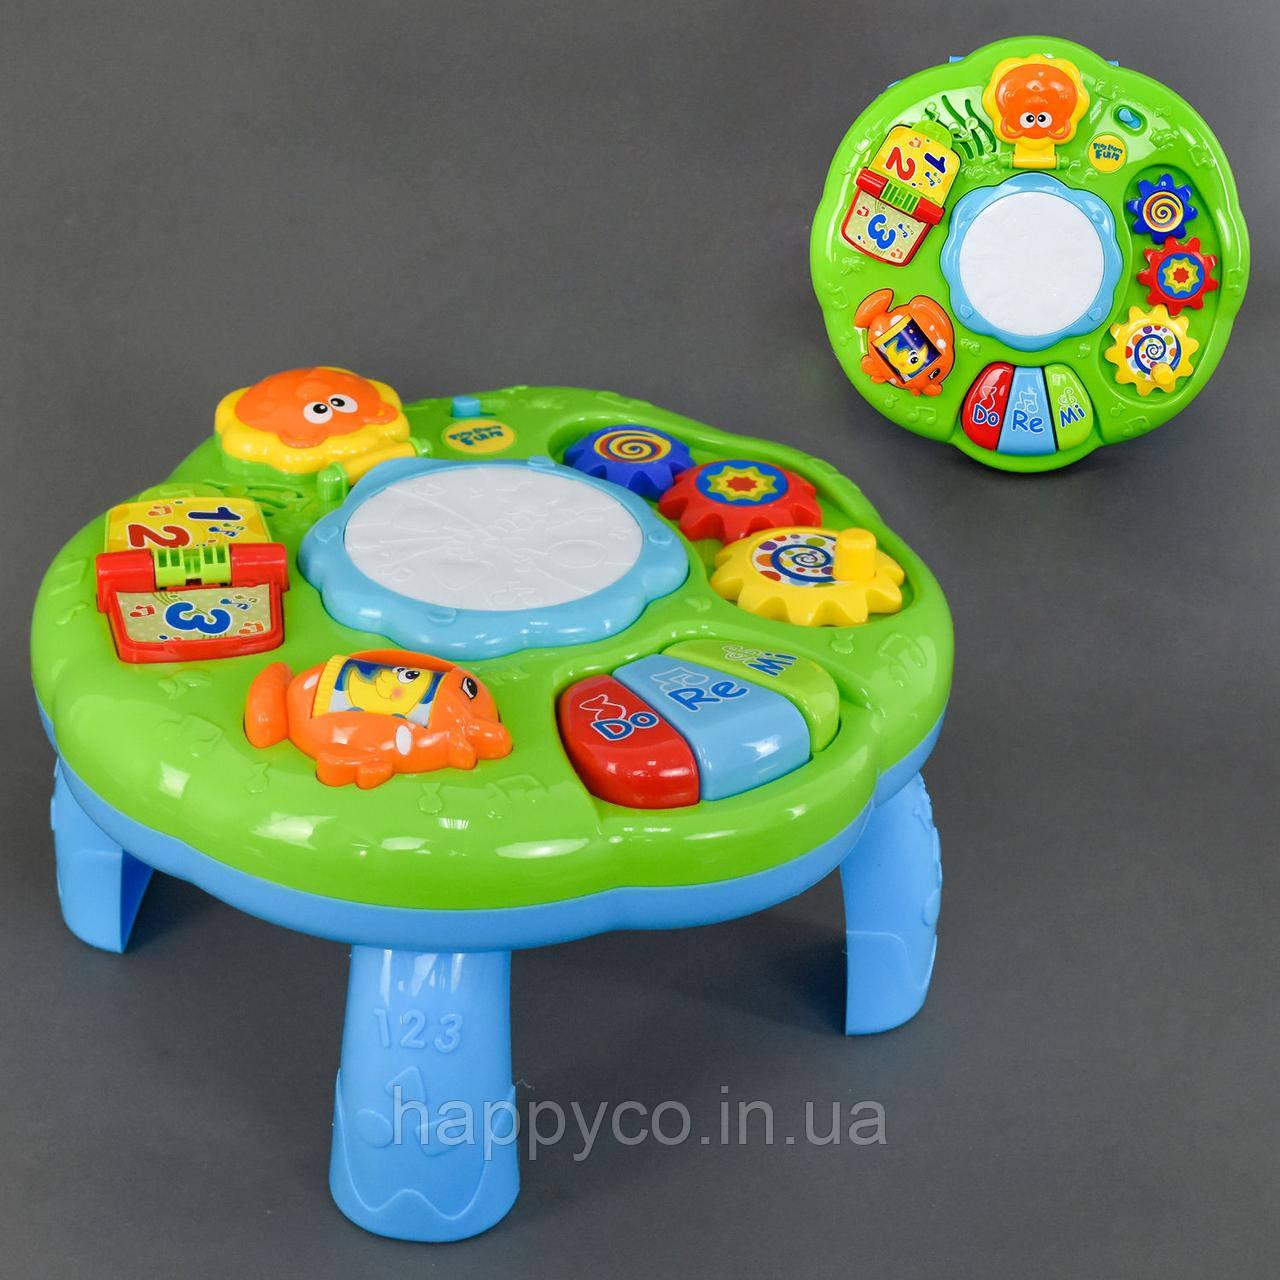 Детский игровой музыкальный центр, свет, звук, интерактивная игрушка